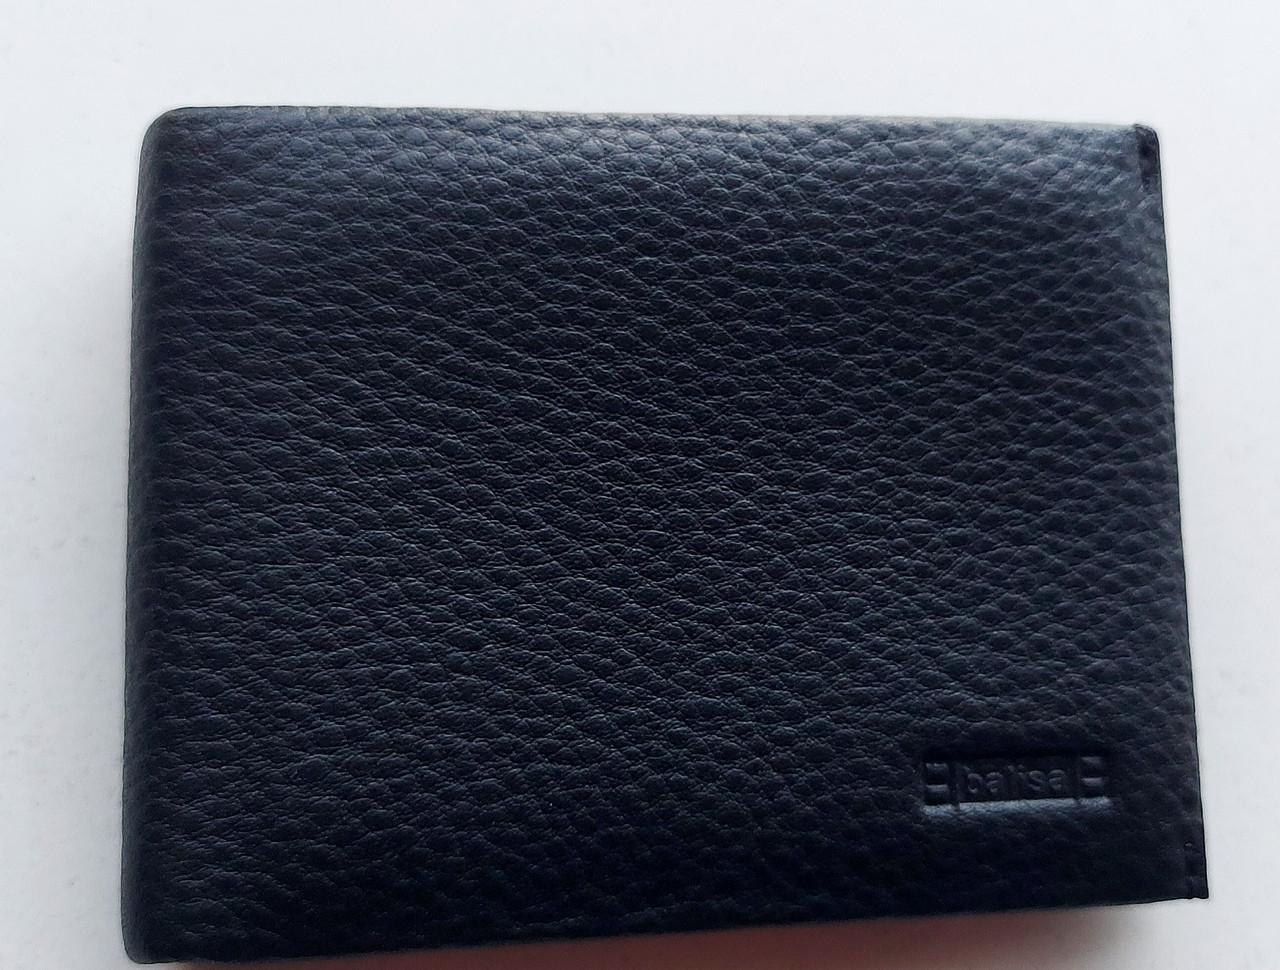 Мужское кожаное портмоне PY 008-100 black, купить мужское портмоне Balisa недорого в Украине